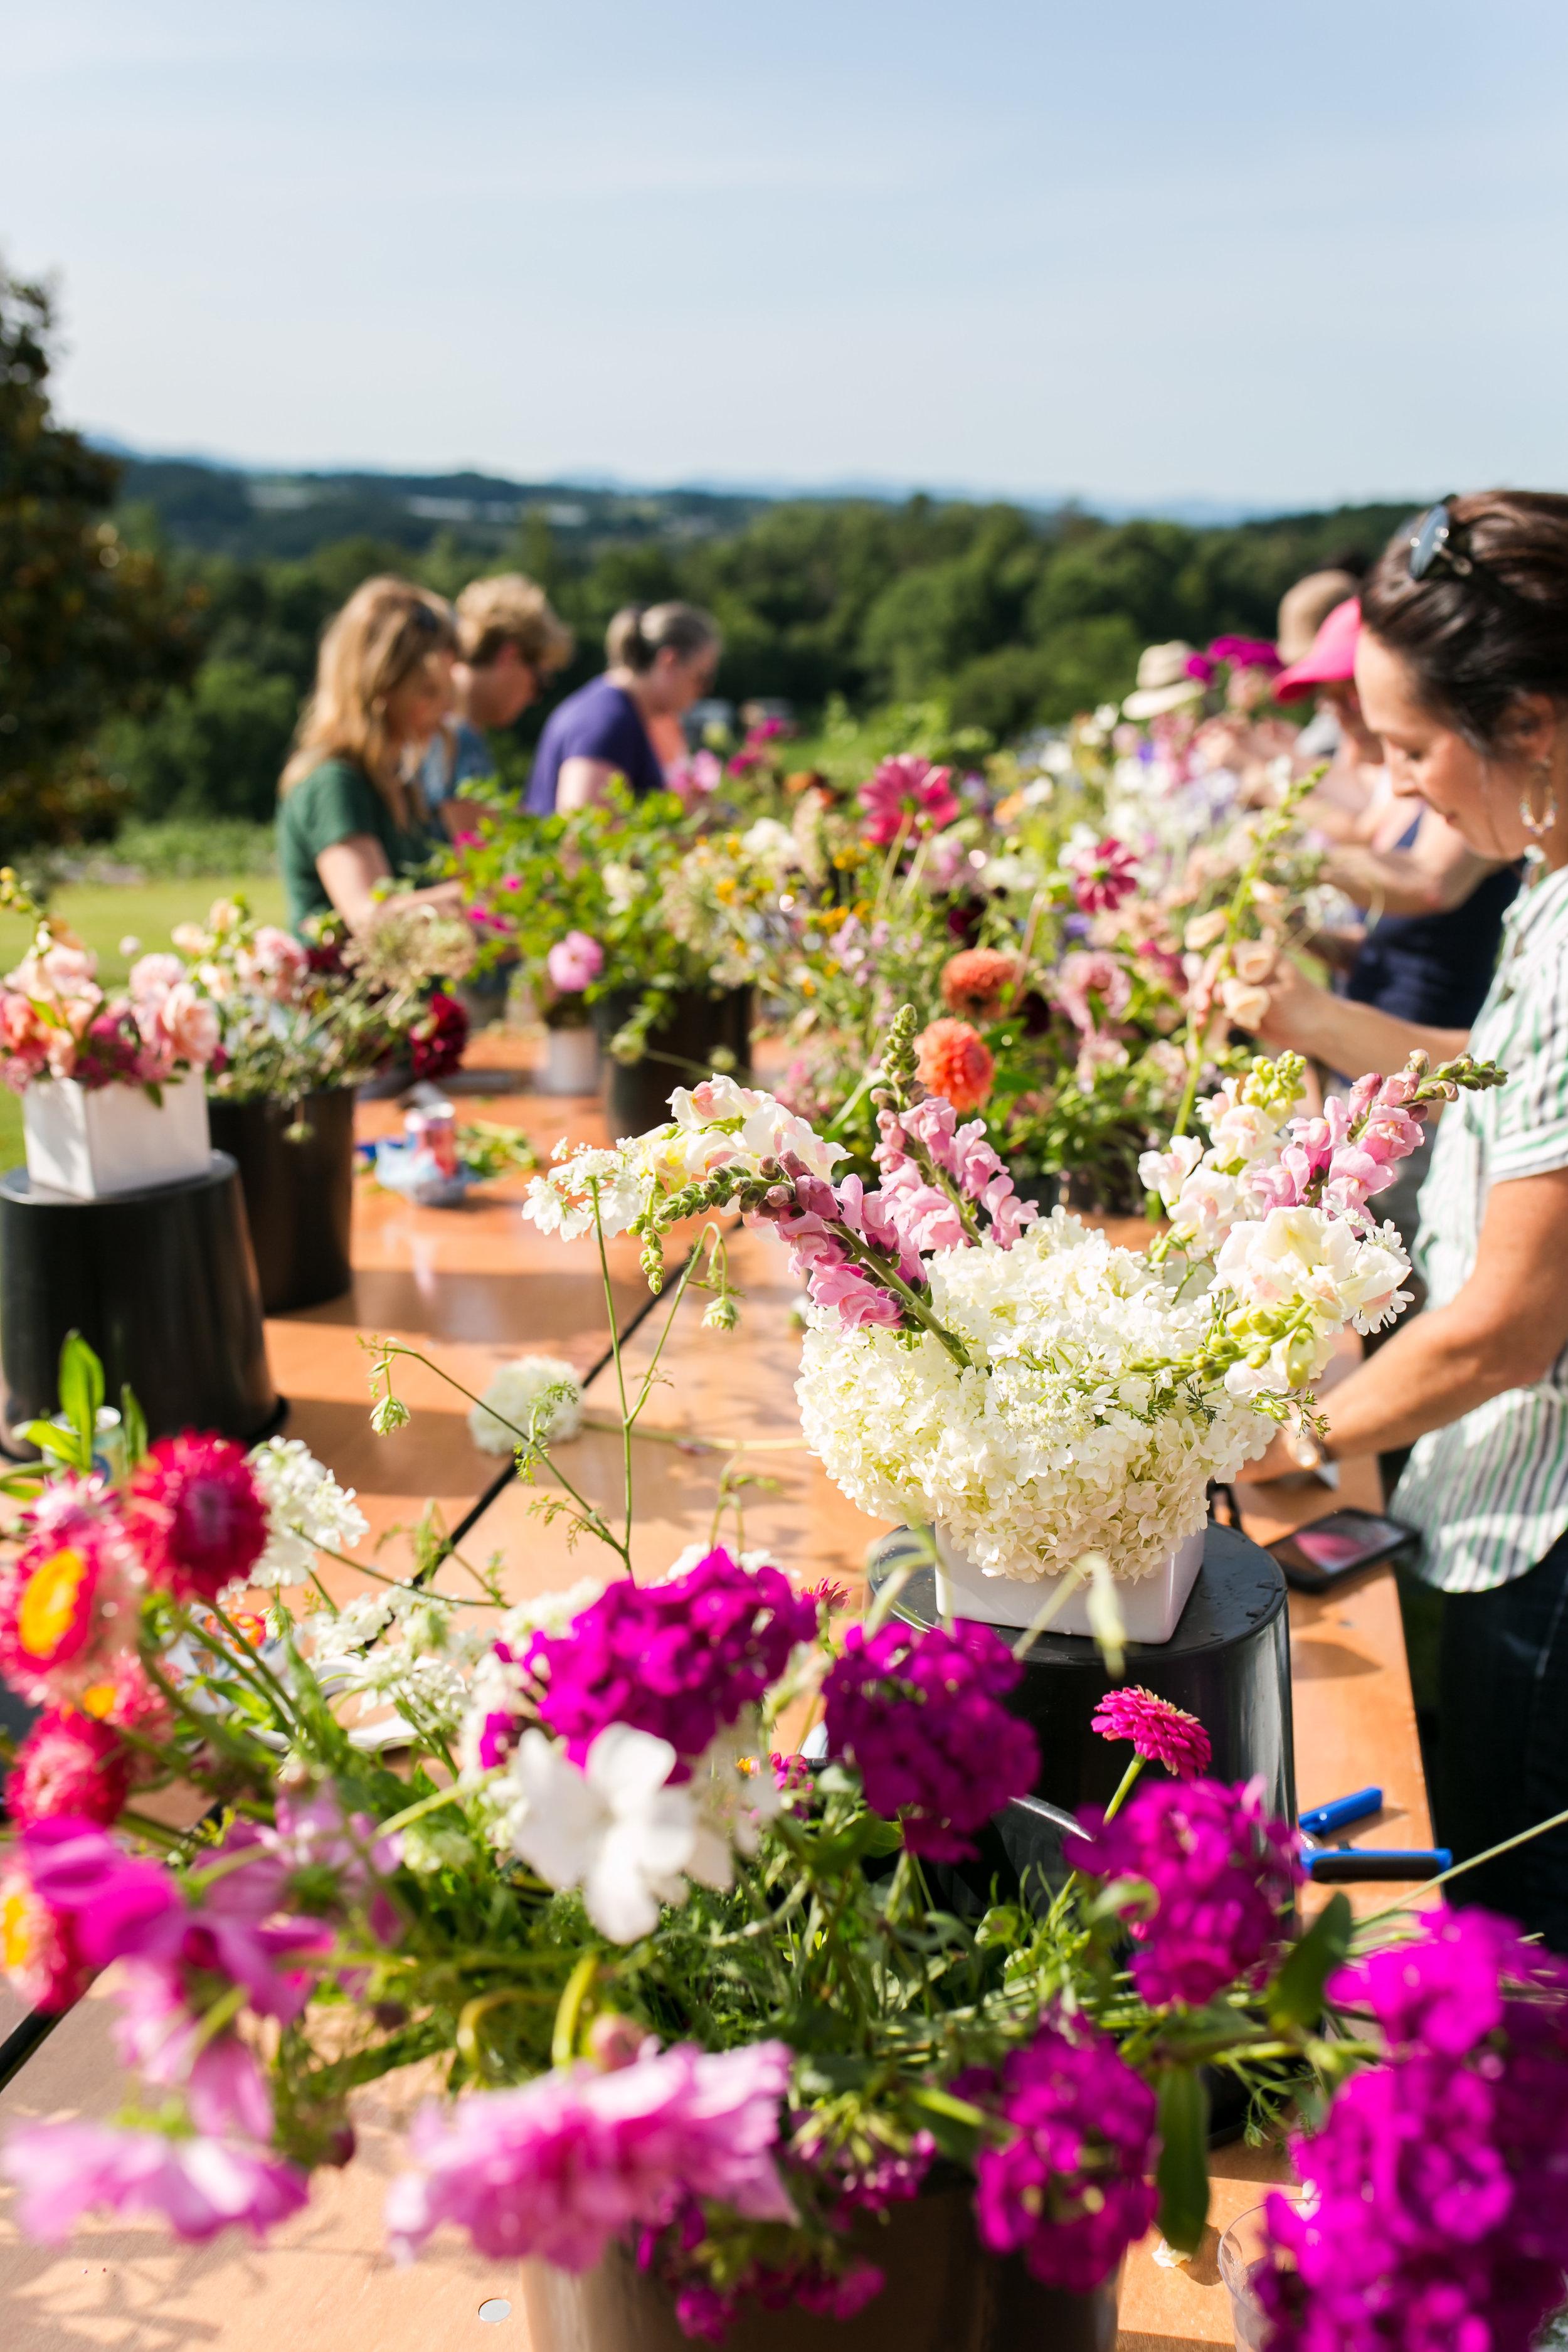 2019_062219_Flourish Flower Farm_An Evening On The Flower Farm-4463.jpg